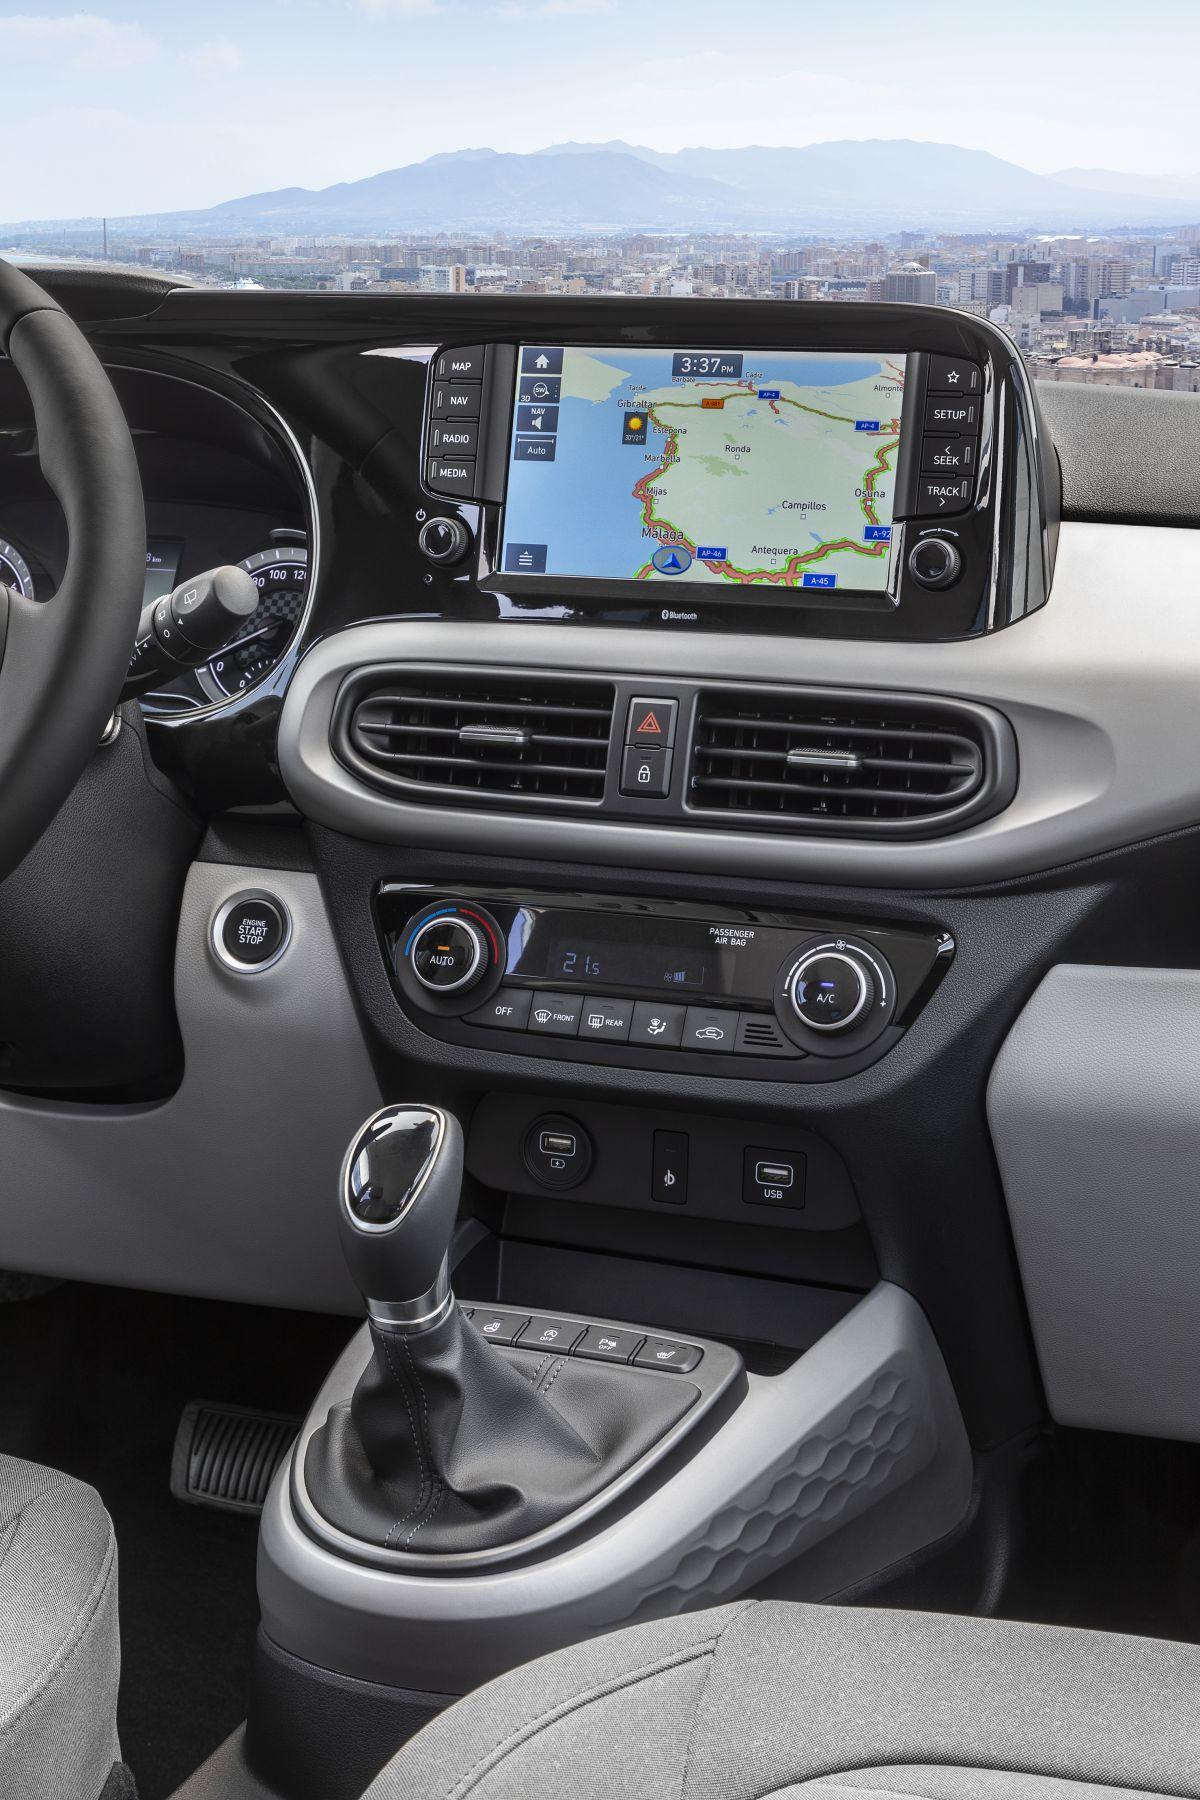 Hyundai i10 , 8 inç dokunmatik ekranı ile Android Auto ve Apple Carplay  destekleri ile teknolojik olarak da yenilikçi, kullanışlı ,modern çizgilere sahip olan bir model olacağa benziyor.2020 Hyundai i10 Fiyat